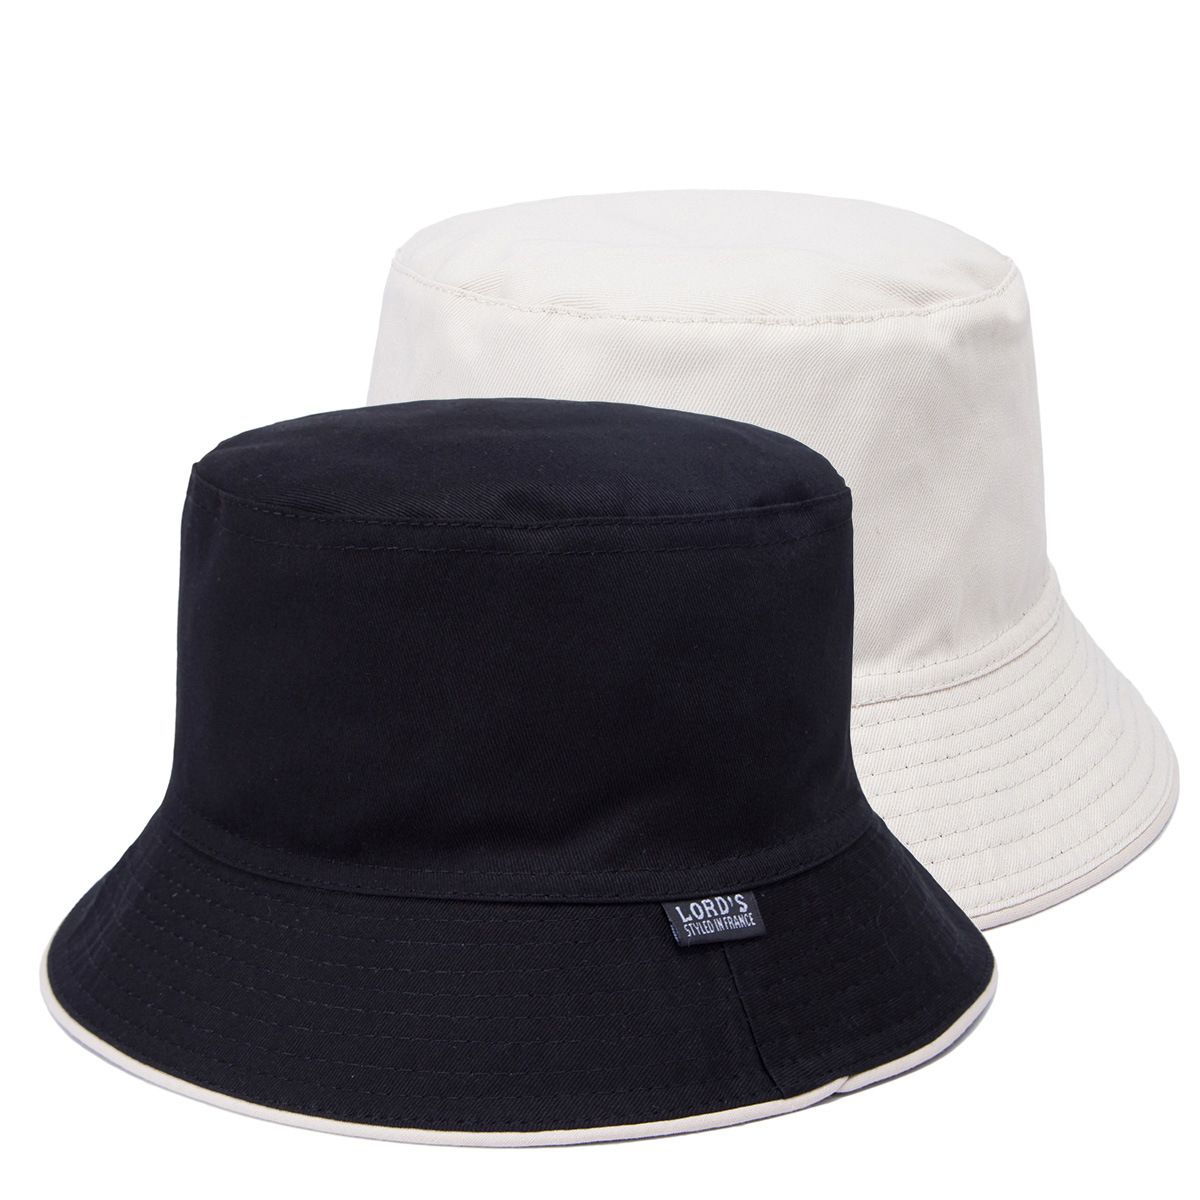 Cubo Sombrero Hombres Gorra de sol reversible 100% algodón Pescador Sombreros Mujeres Aire libre Bob Chapeau